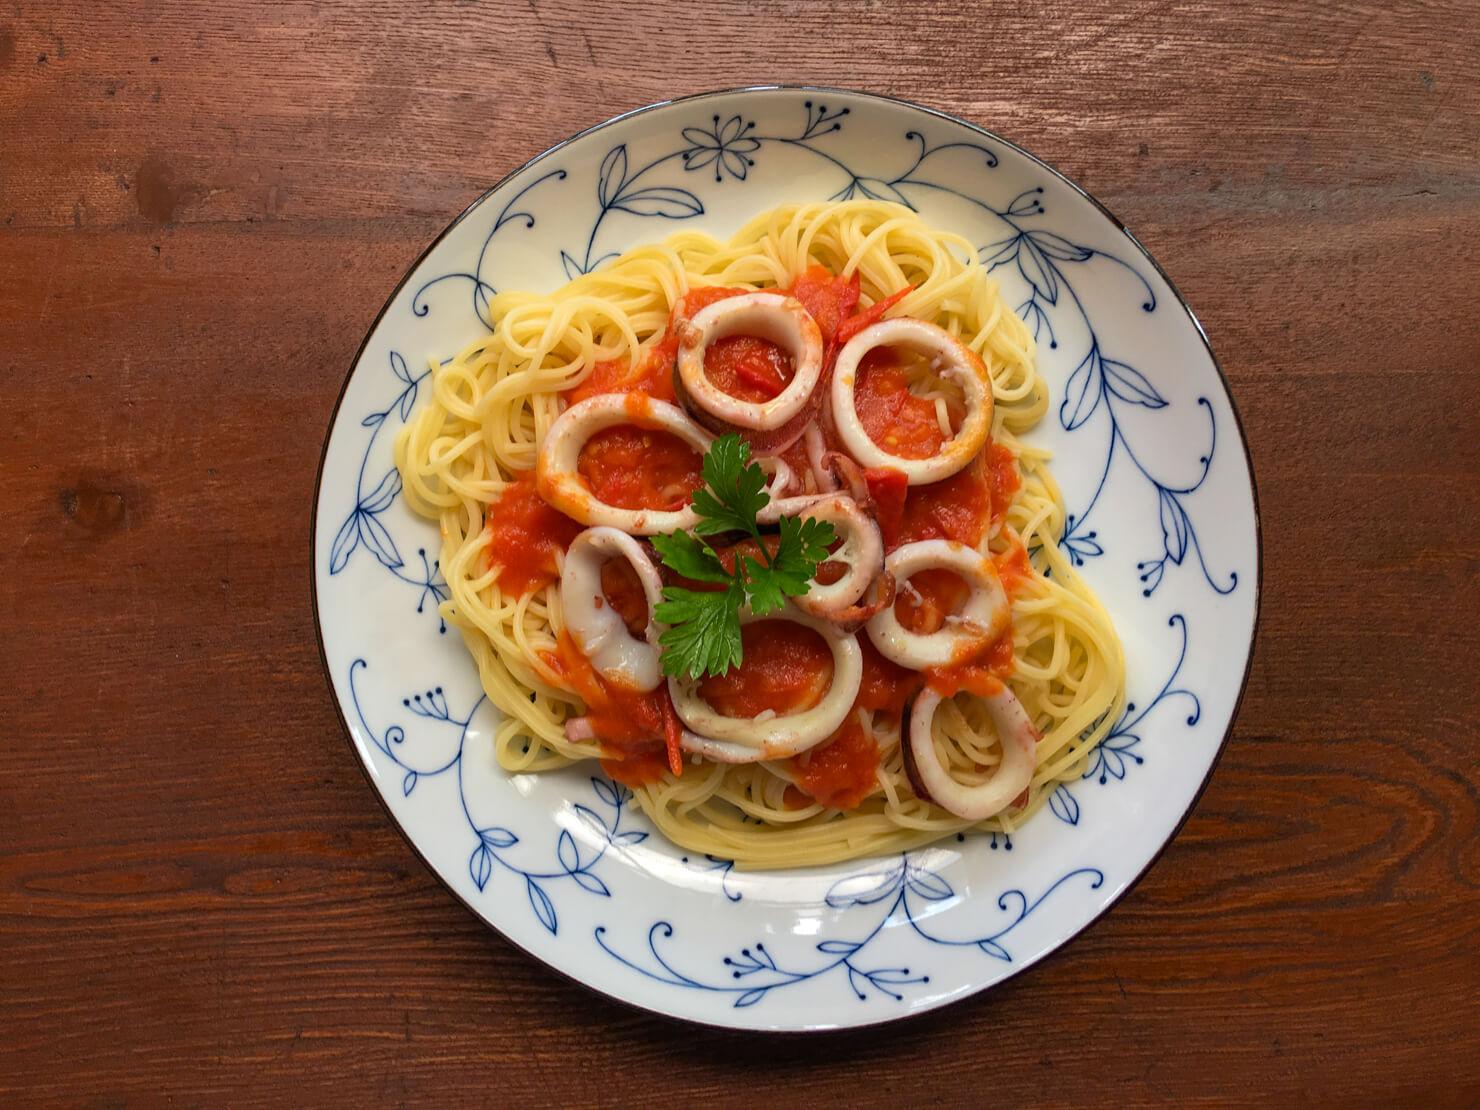 イカのパスタ・トマトソースの写真